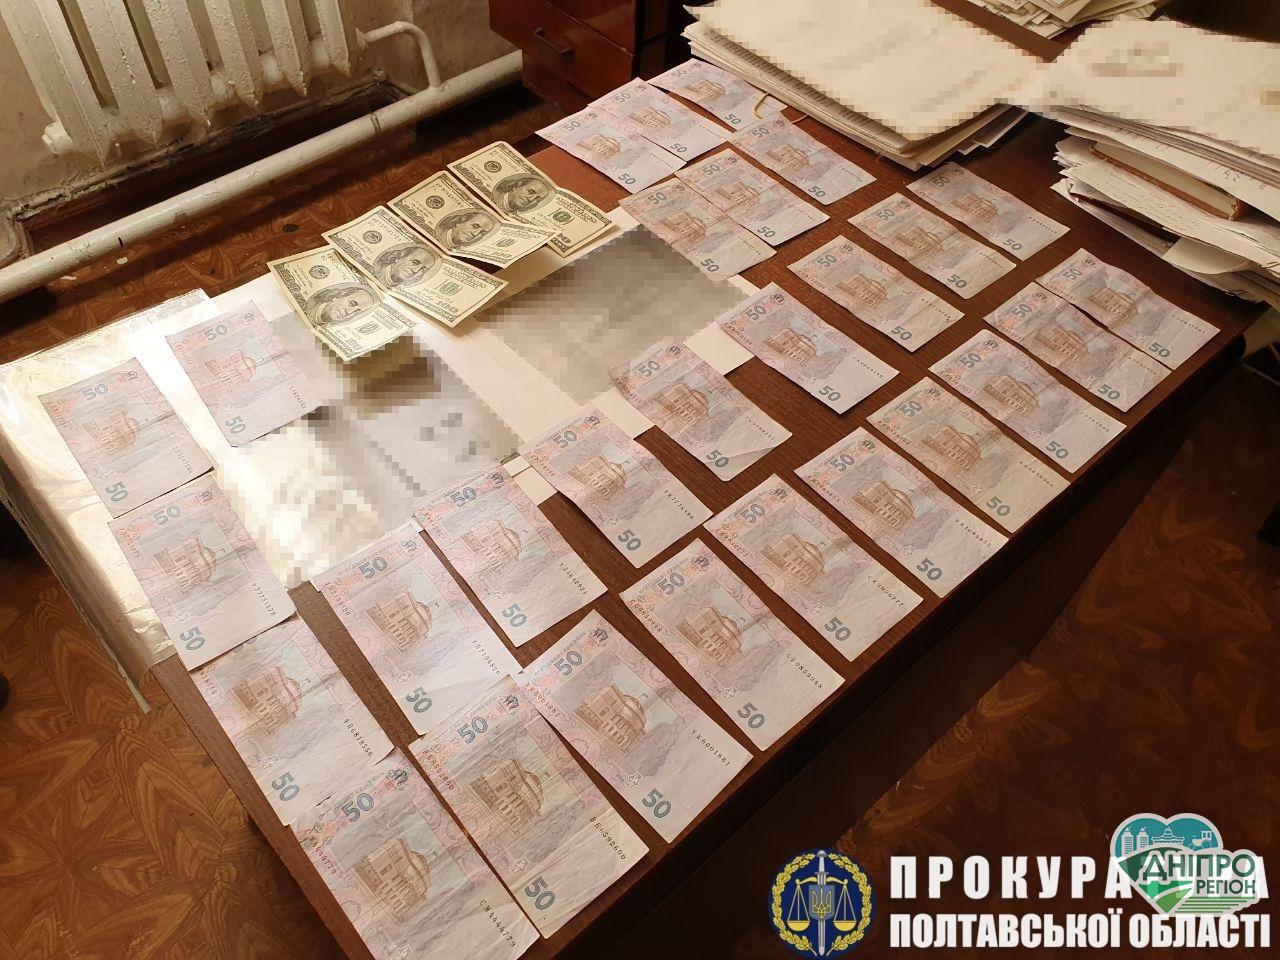 Правоохоронці  затримали на хабарі двох полісменів з Дніпропетровщини